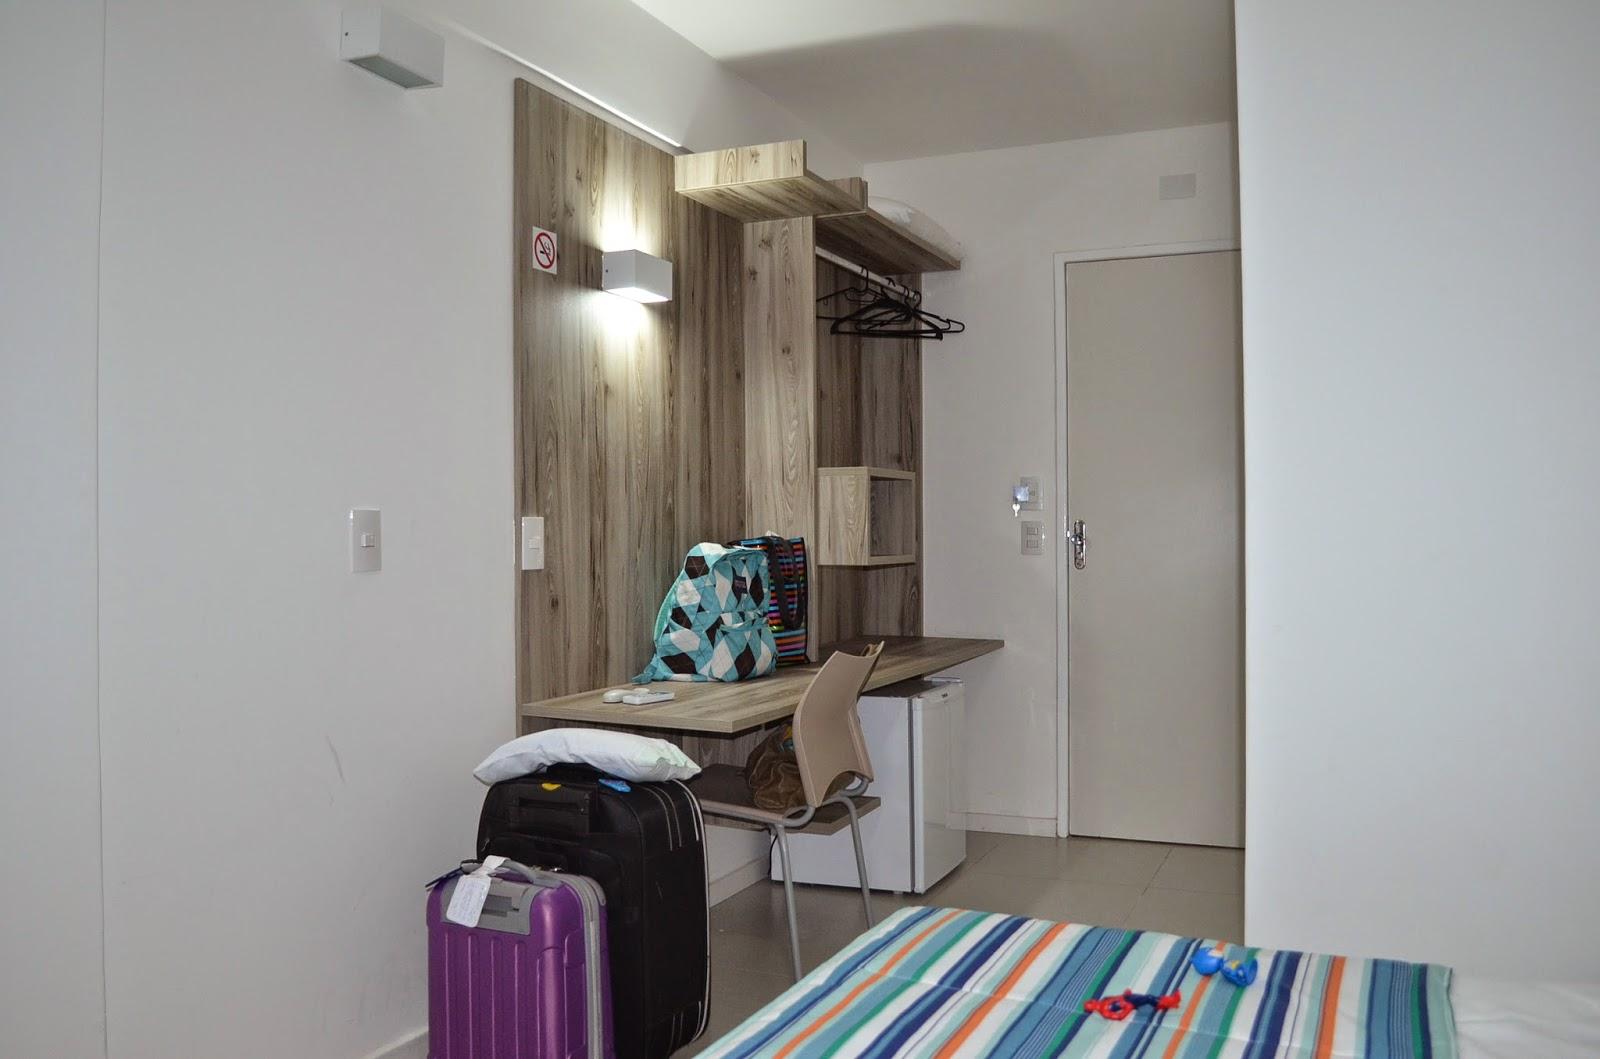 #416E82 Cariocando por aí : Hotel Review Hotel Praia Bonita – Maceió  1600x1059 px tamanho ideal banheiro cadeirante